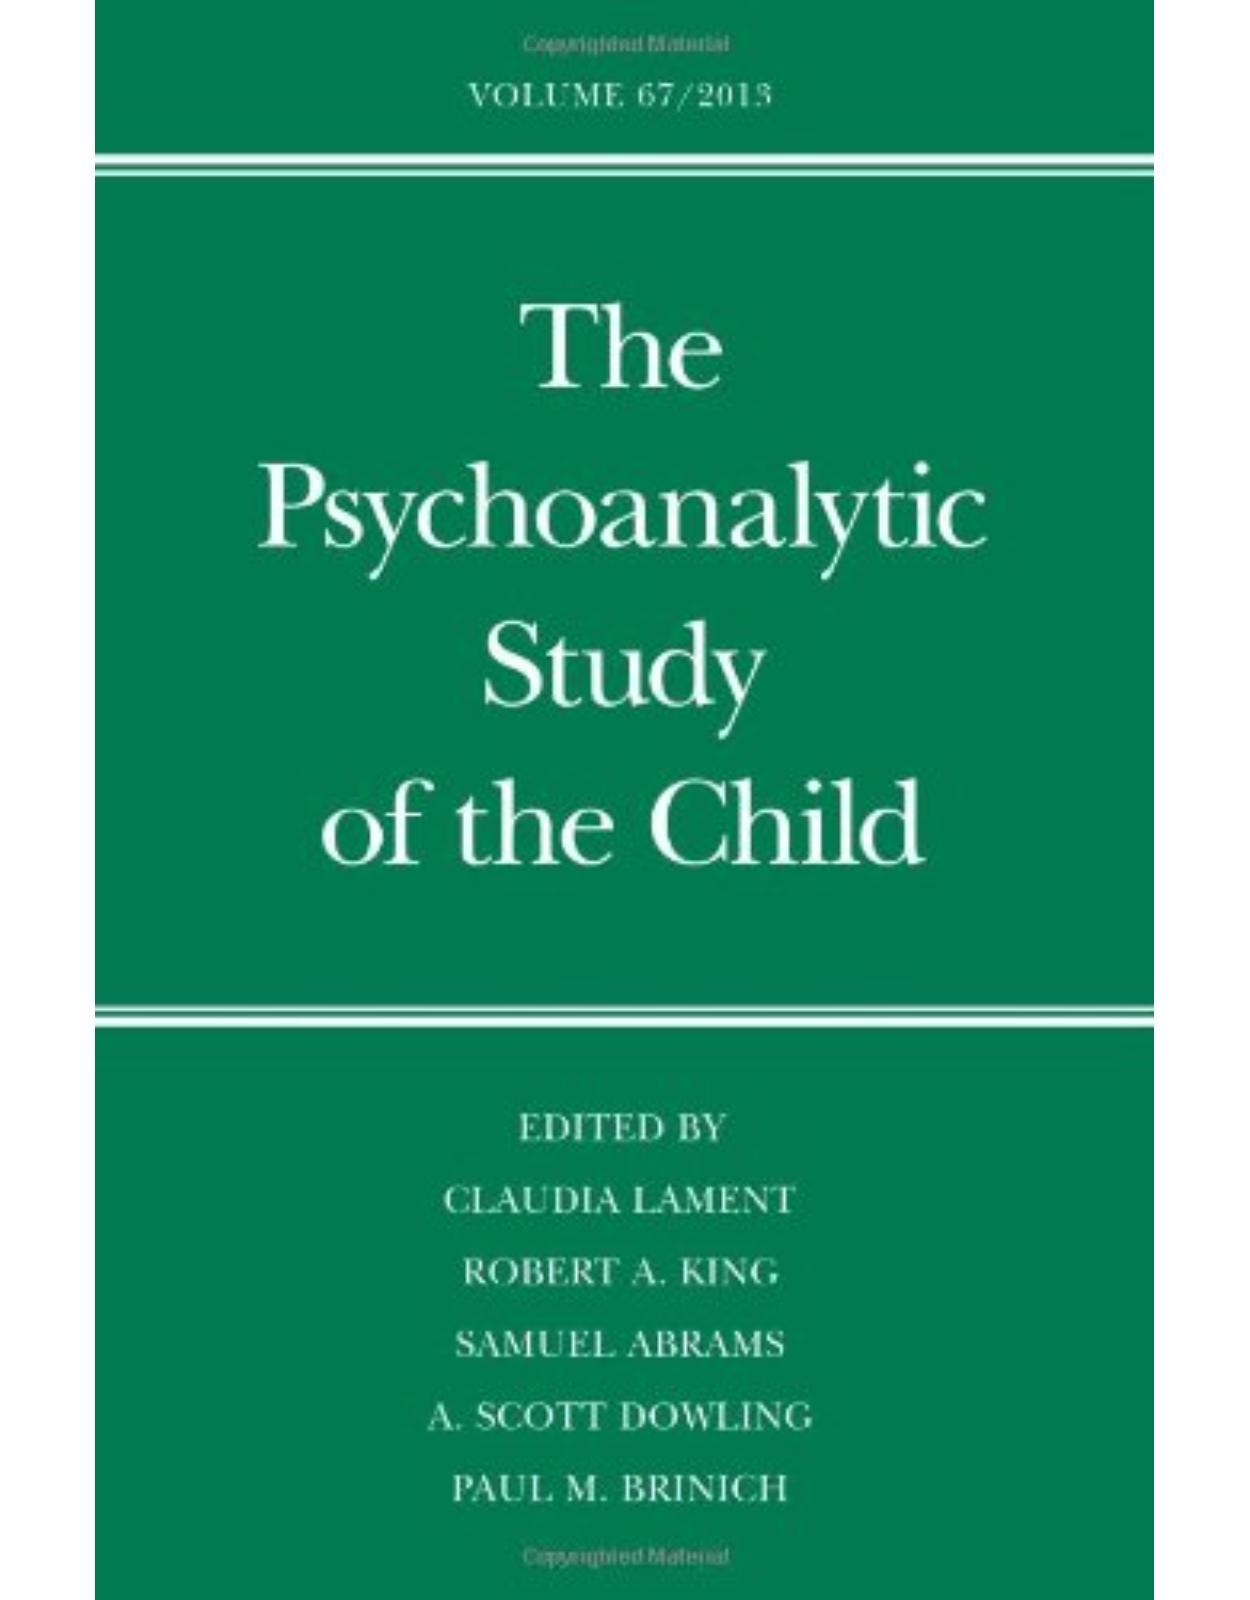 Psychoanalytic Study of the Child. Volume 67